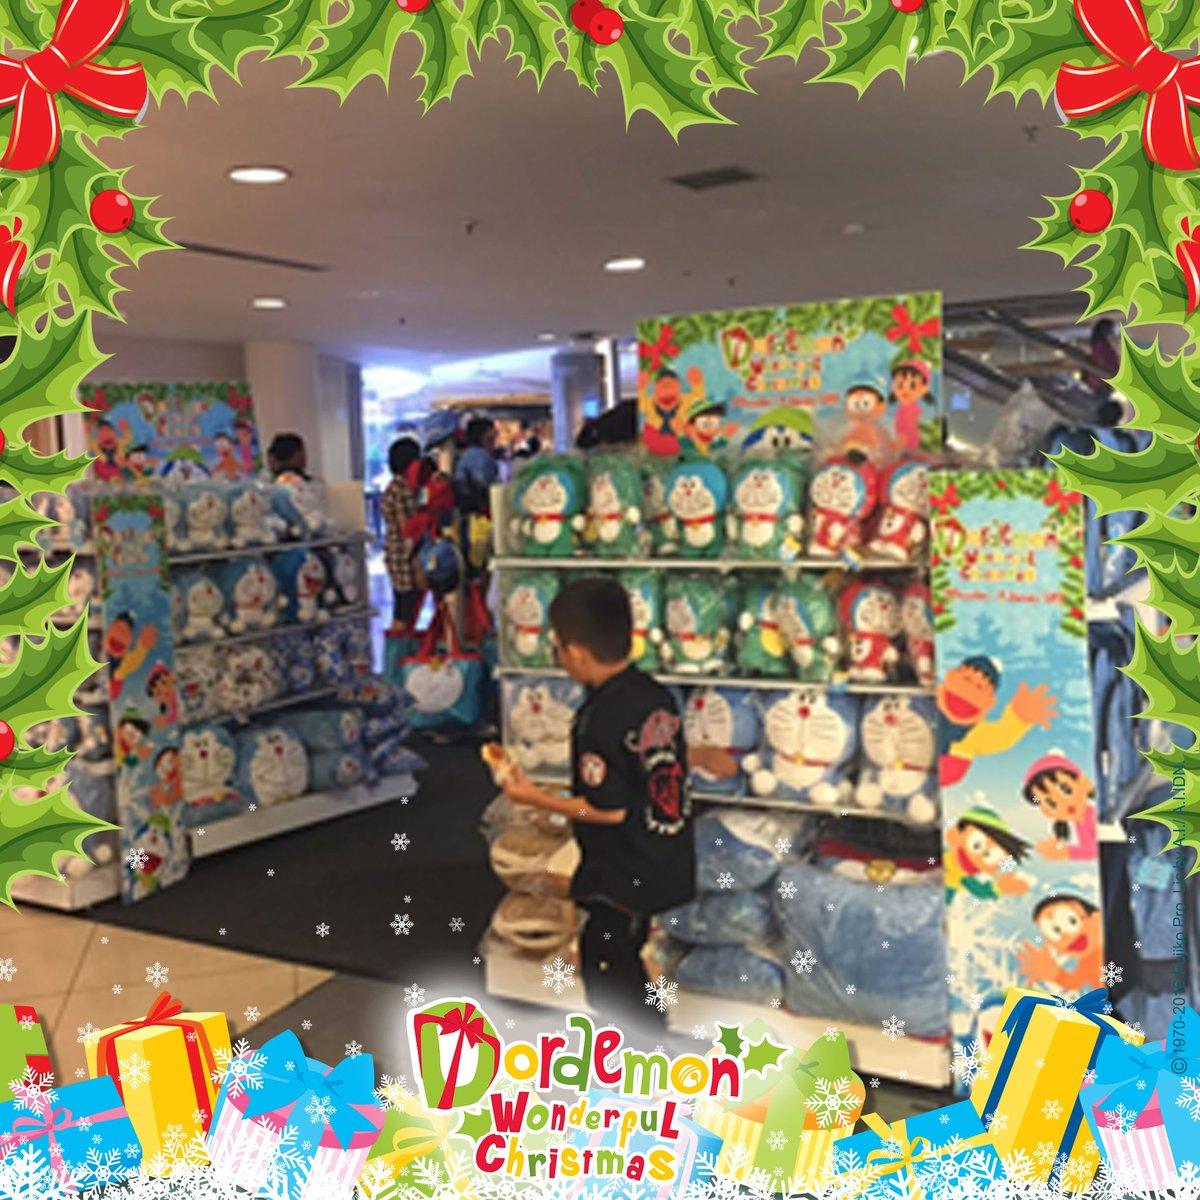 Boneka Doraemon yang lucu untuk koleksi kalian.  #Doraemon #DoraemonAddict #DoraemonMania #ILoveDoraemon #DoraemonIndonesia https://t.co/Y2bmLX9QX8